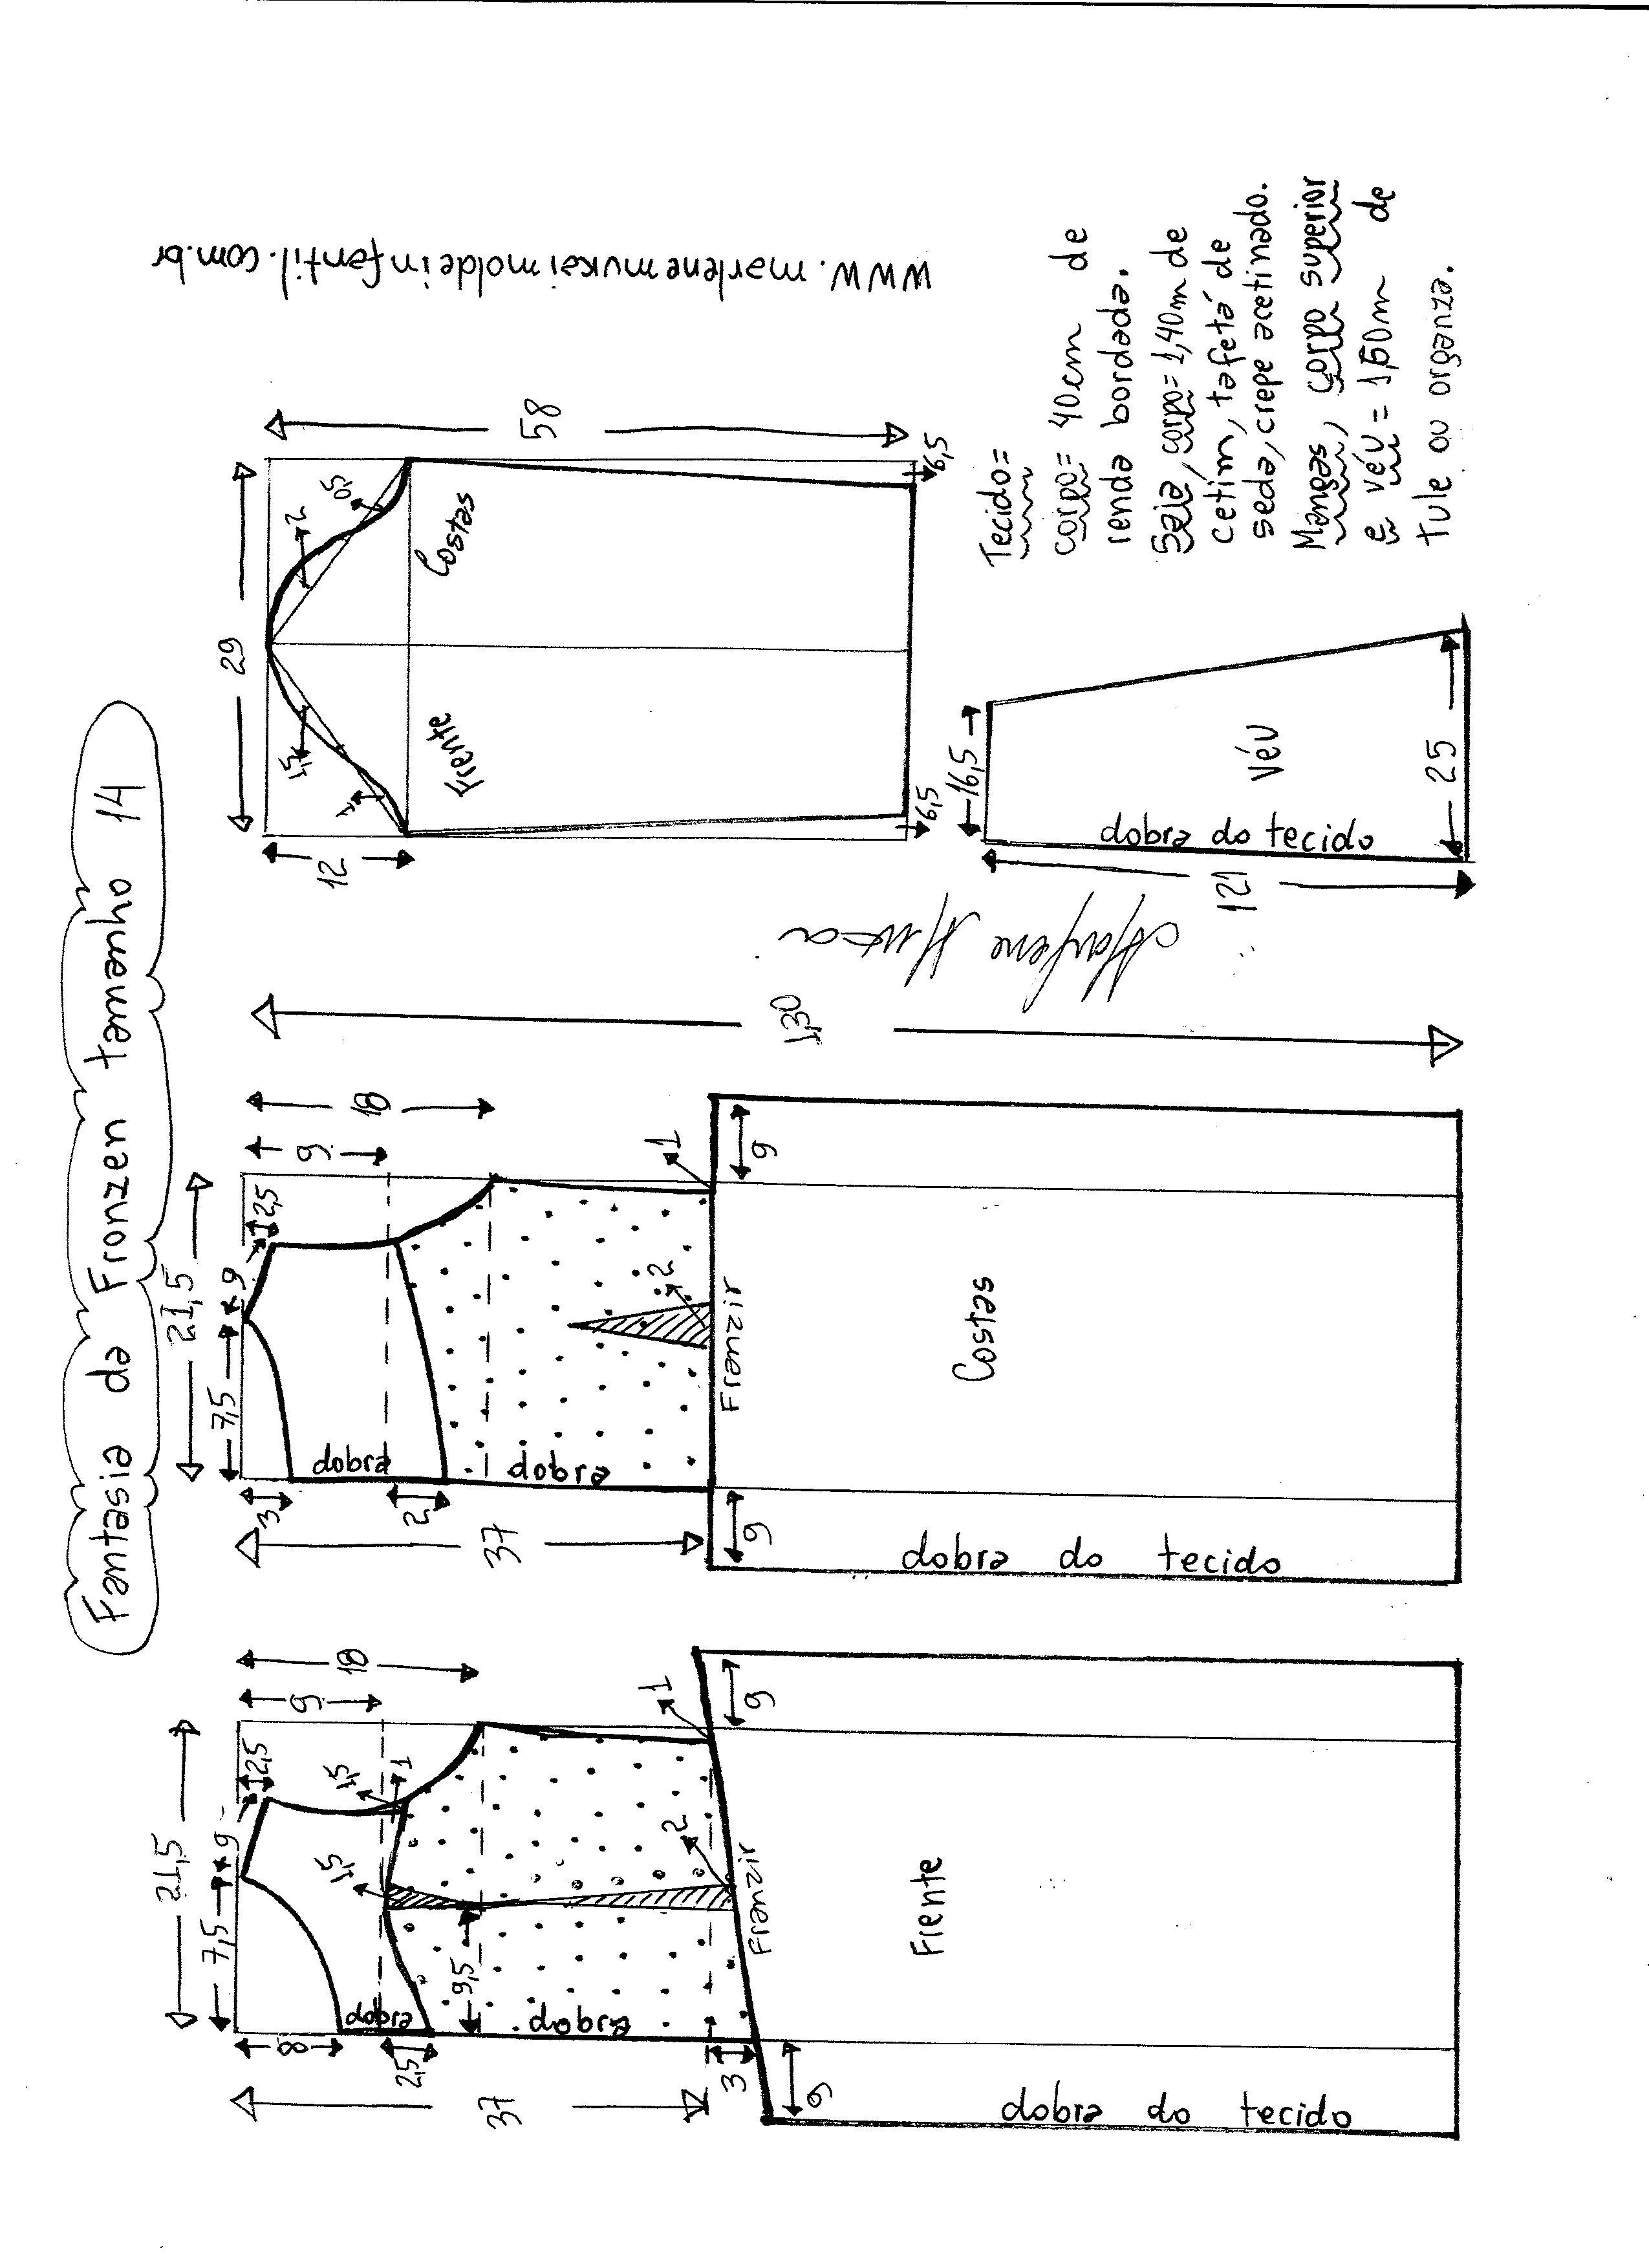 Esquema de modelagem de vestido fantasia fronzen tamanho 14.